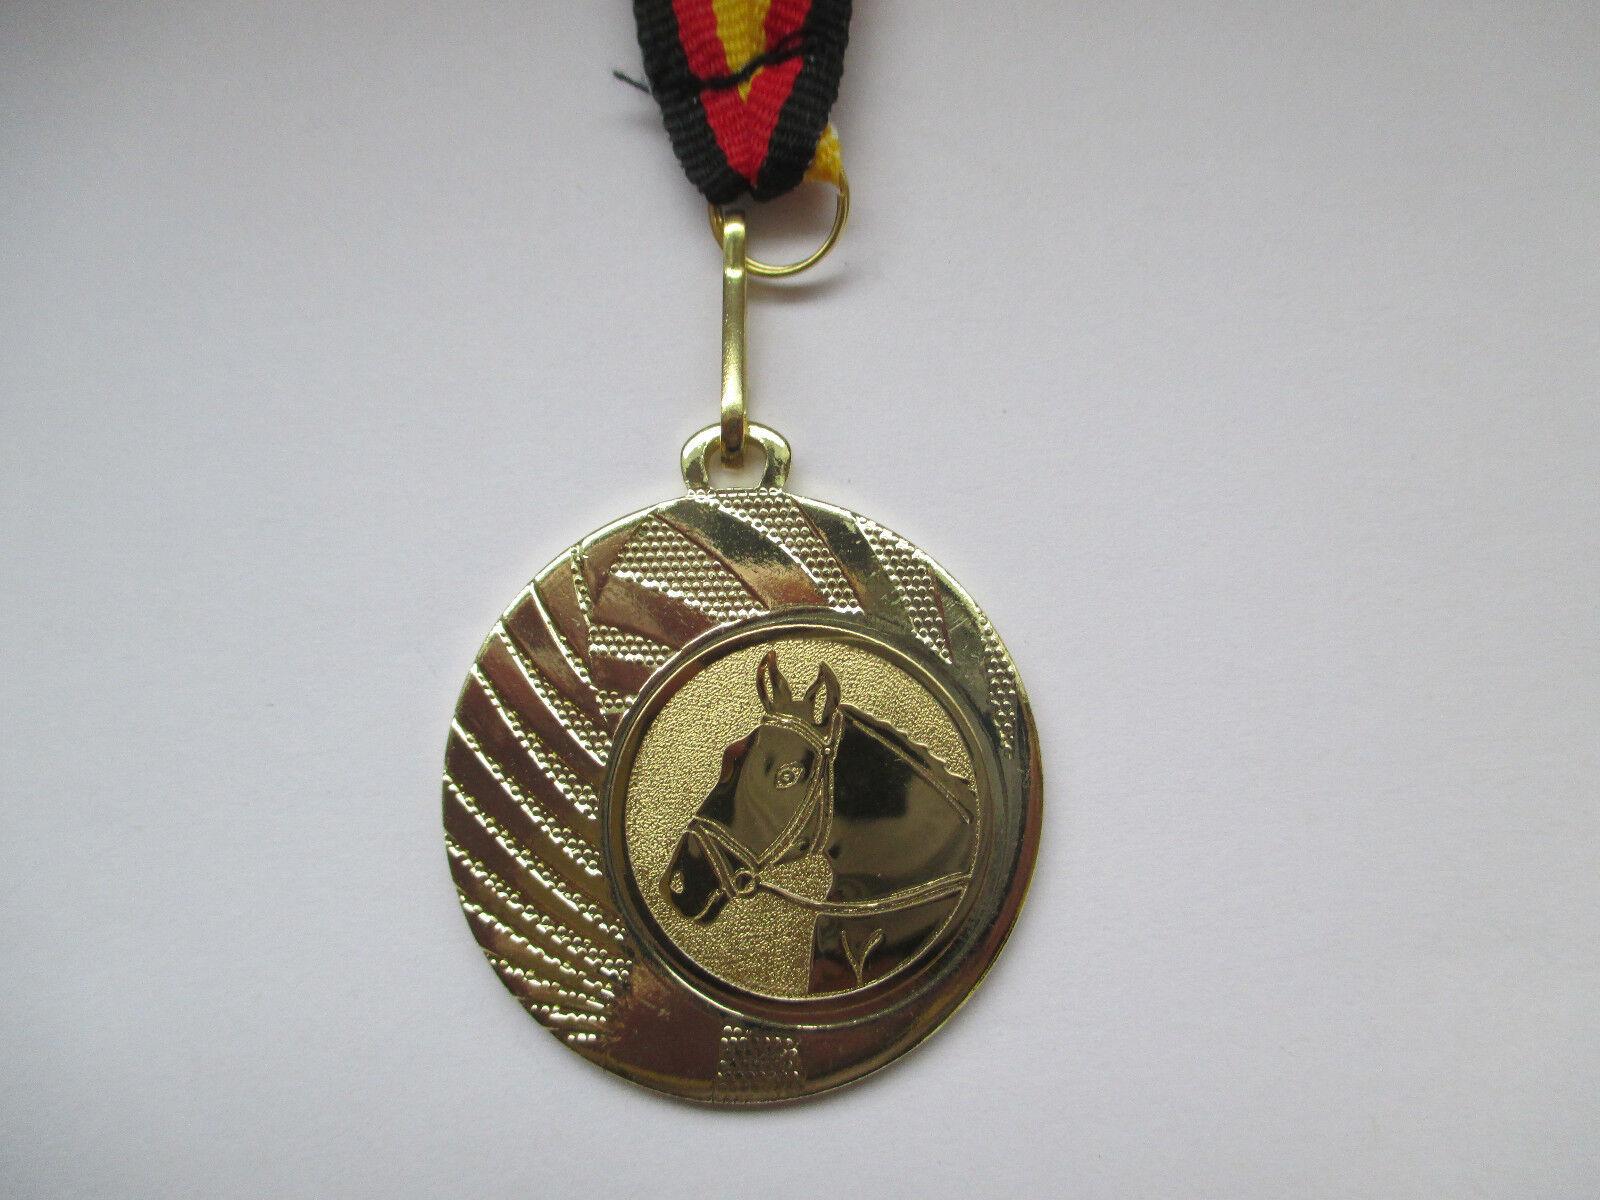 Reiten Pferd Pokal Kinder 50 x Medaillen m. Deutschland-Bändern Turnier Emblem